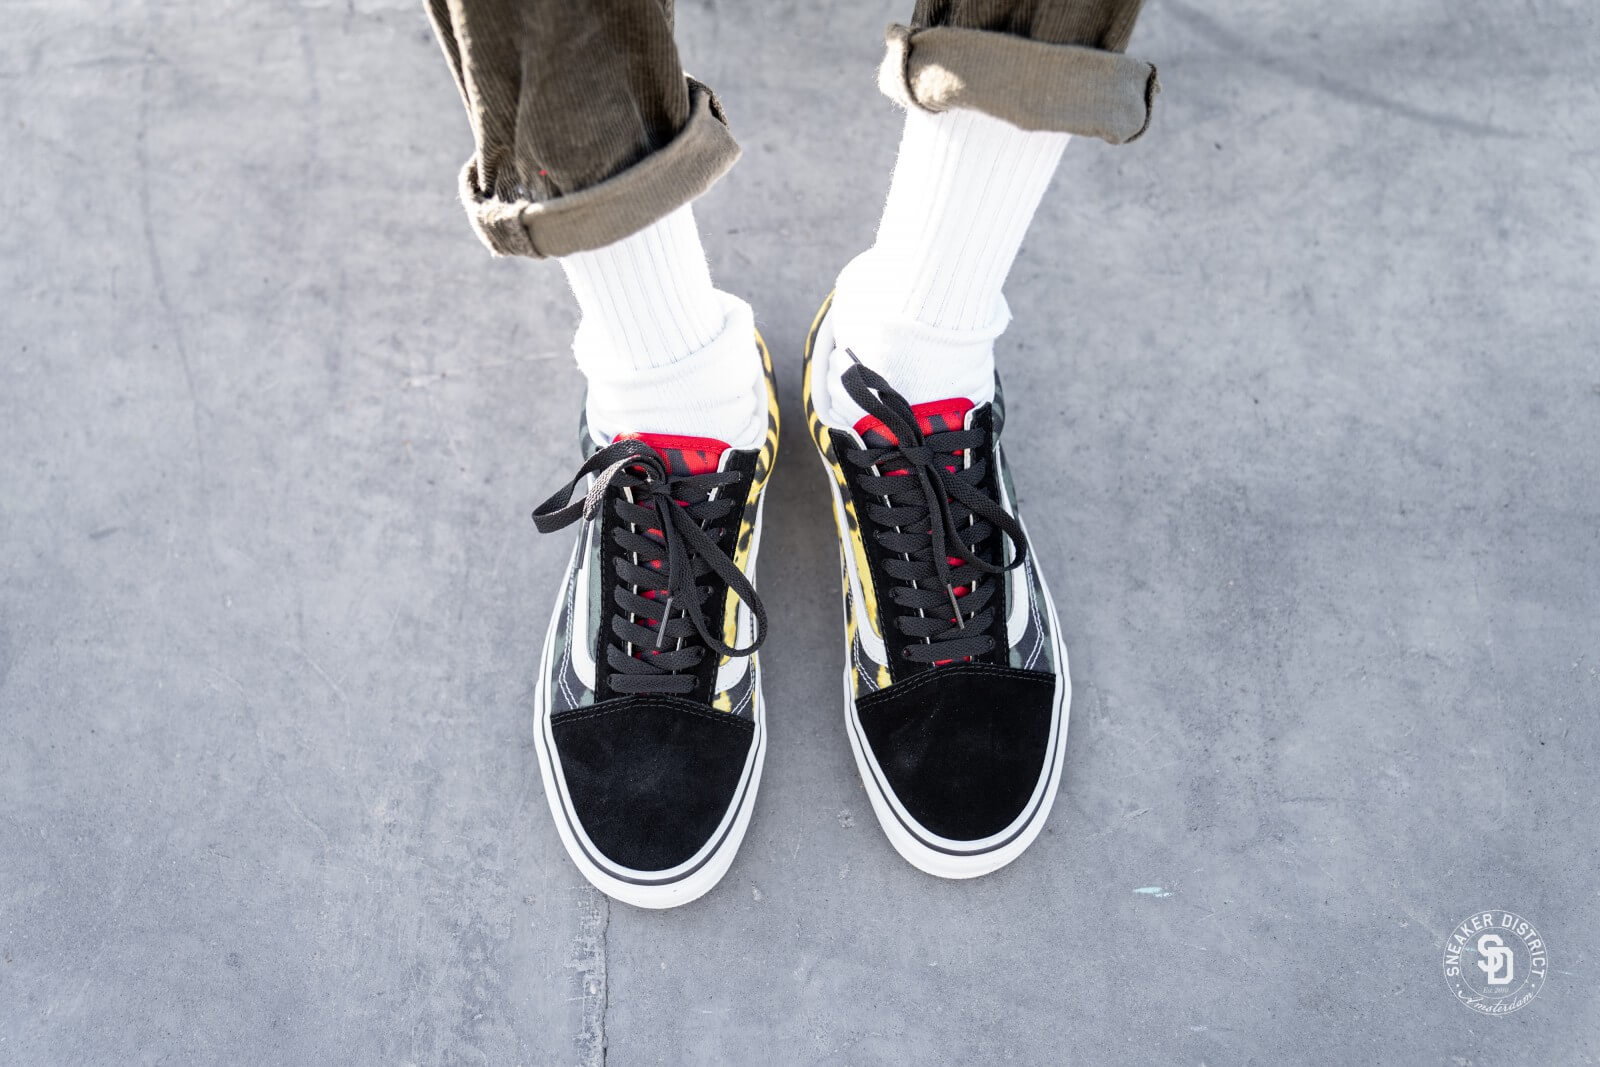 Chaussures Tie Dye Old Skool | Violet | Vans | Vans